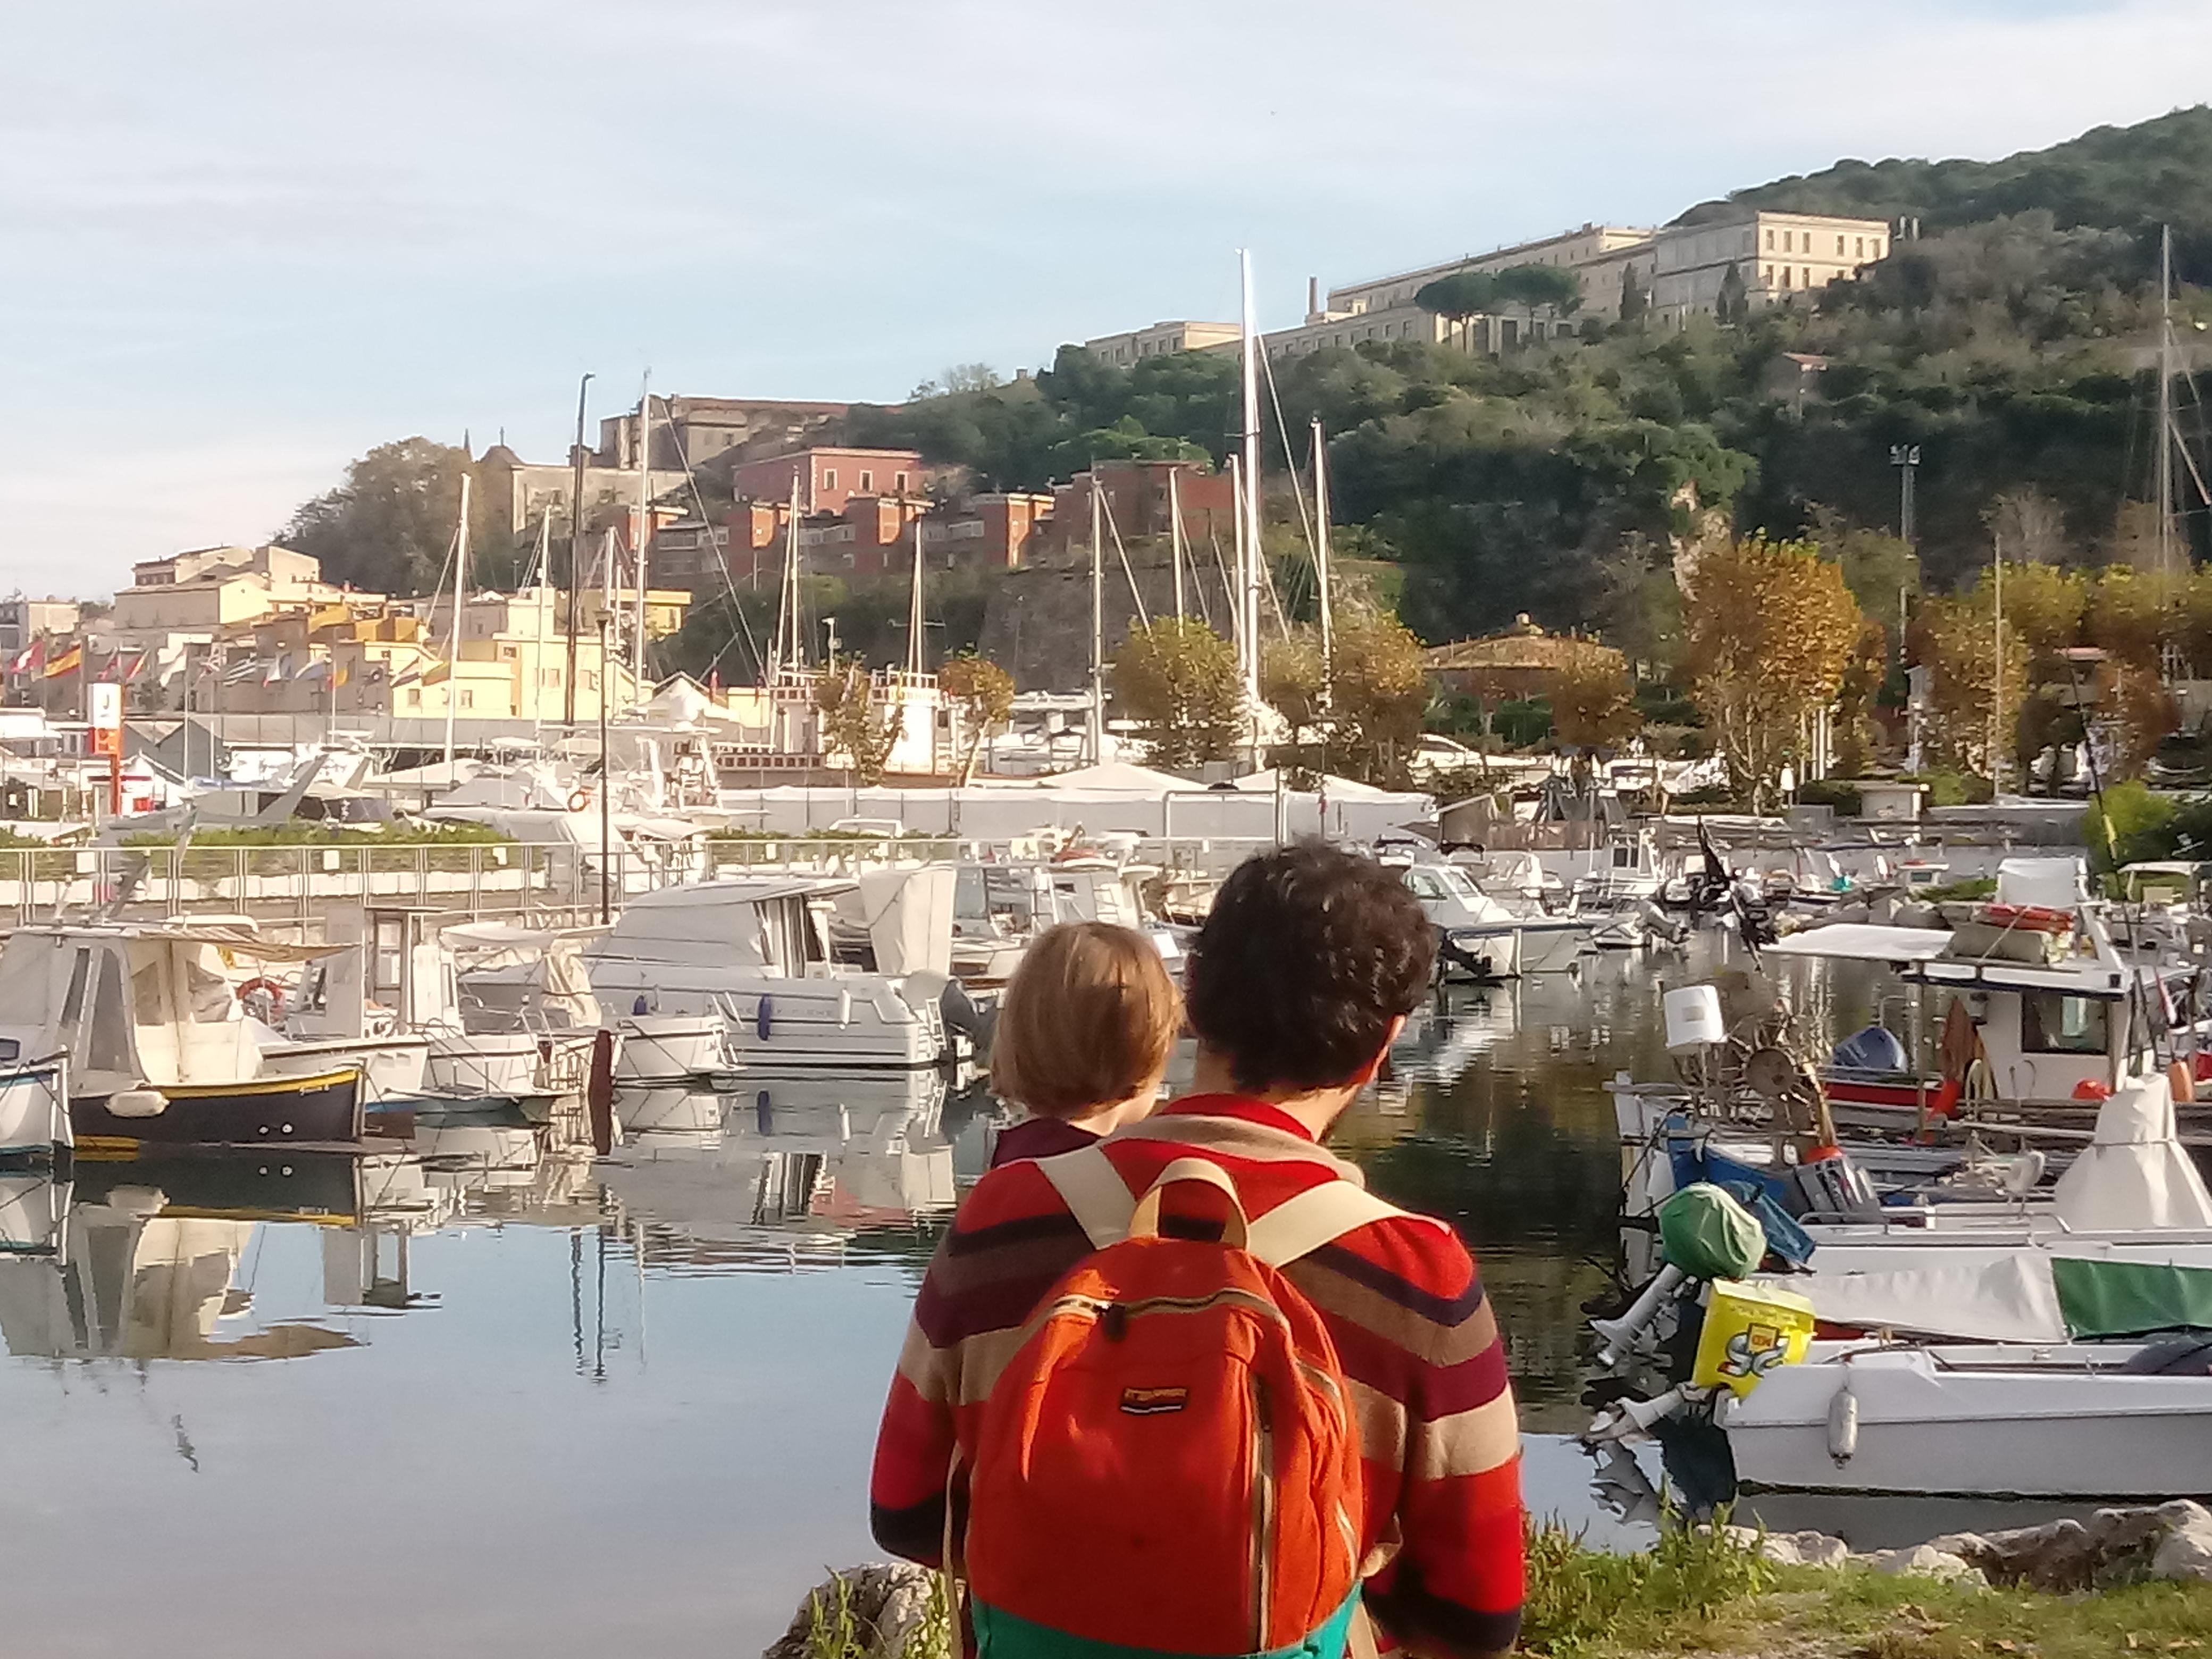 De haven van Gaeta